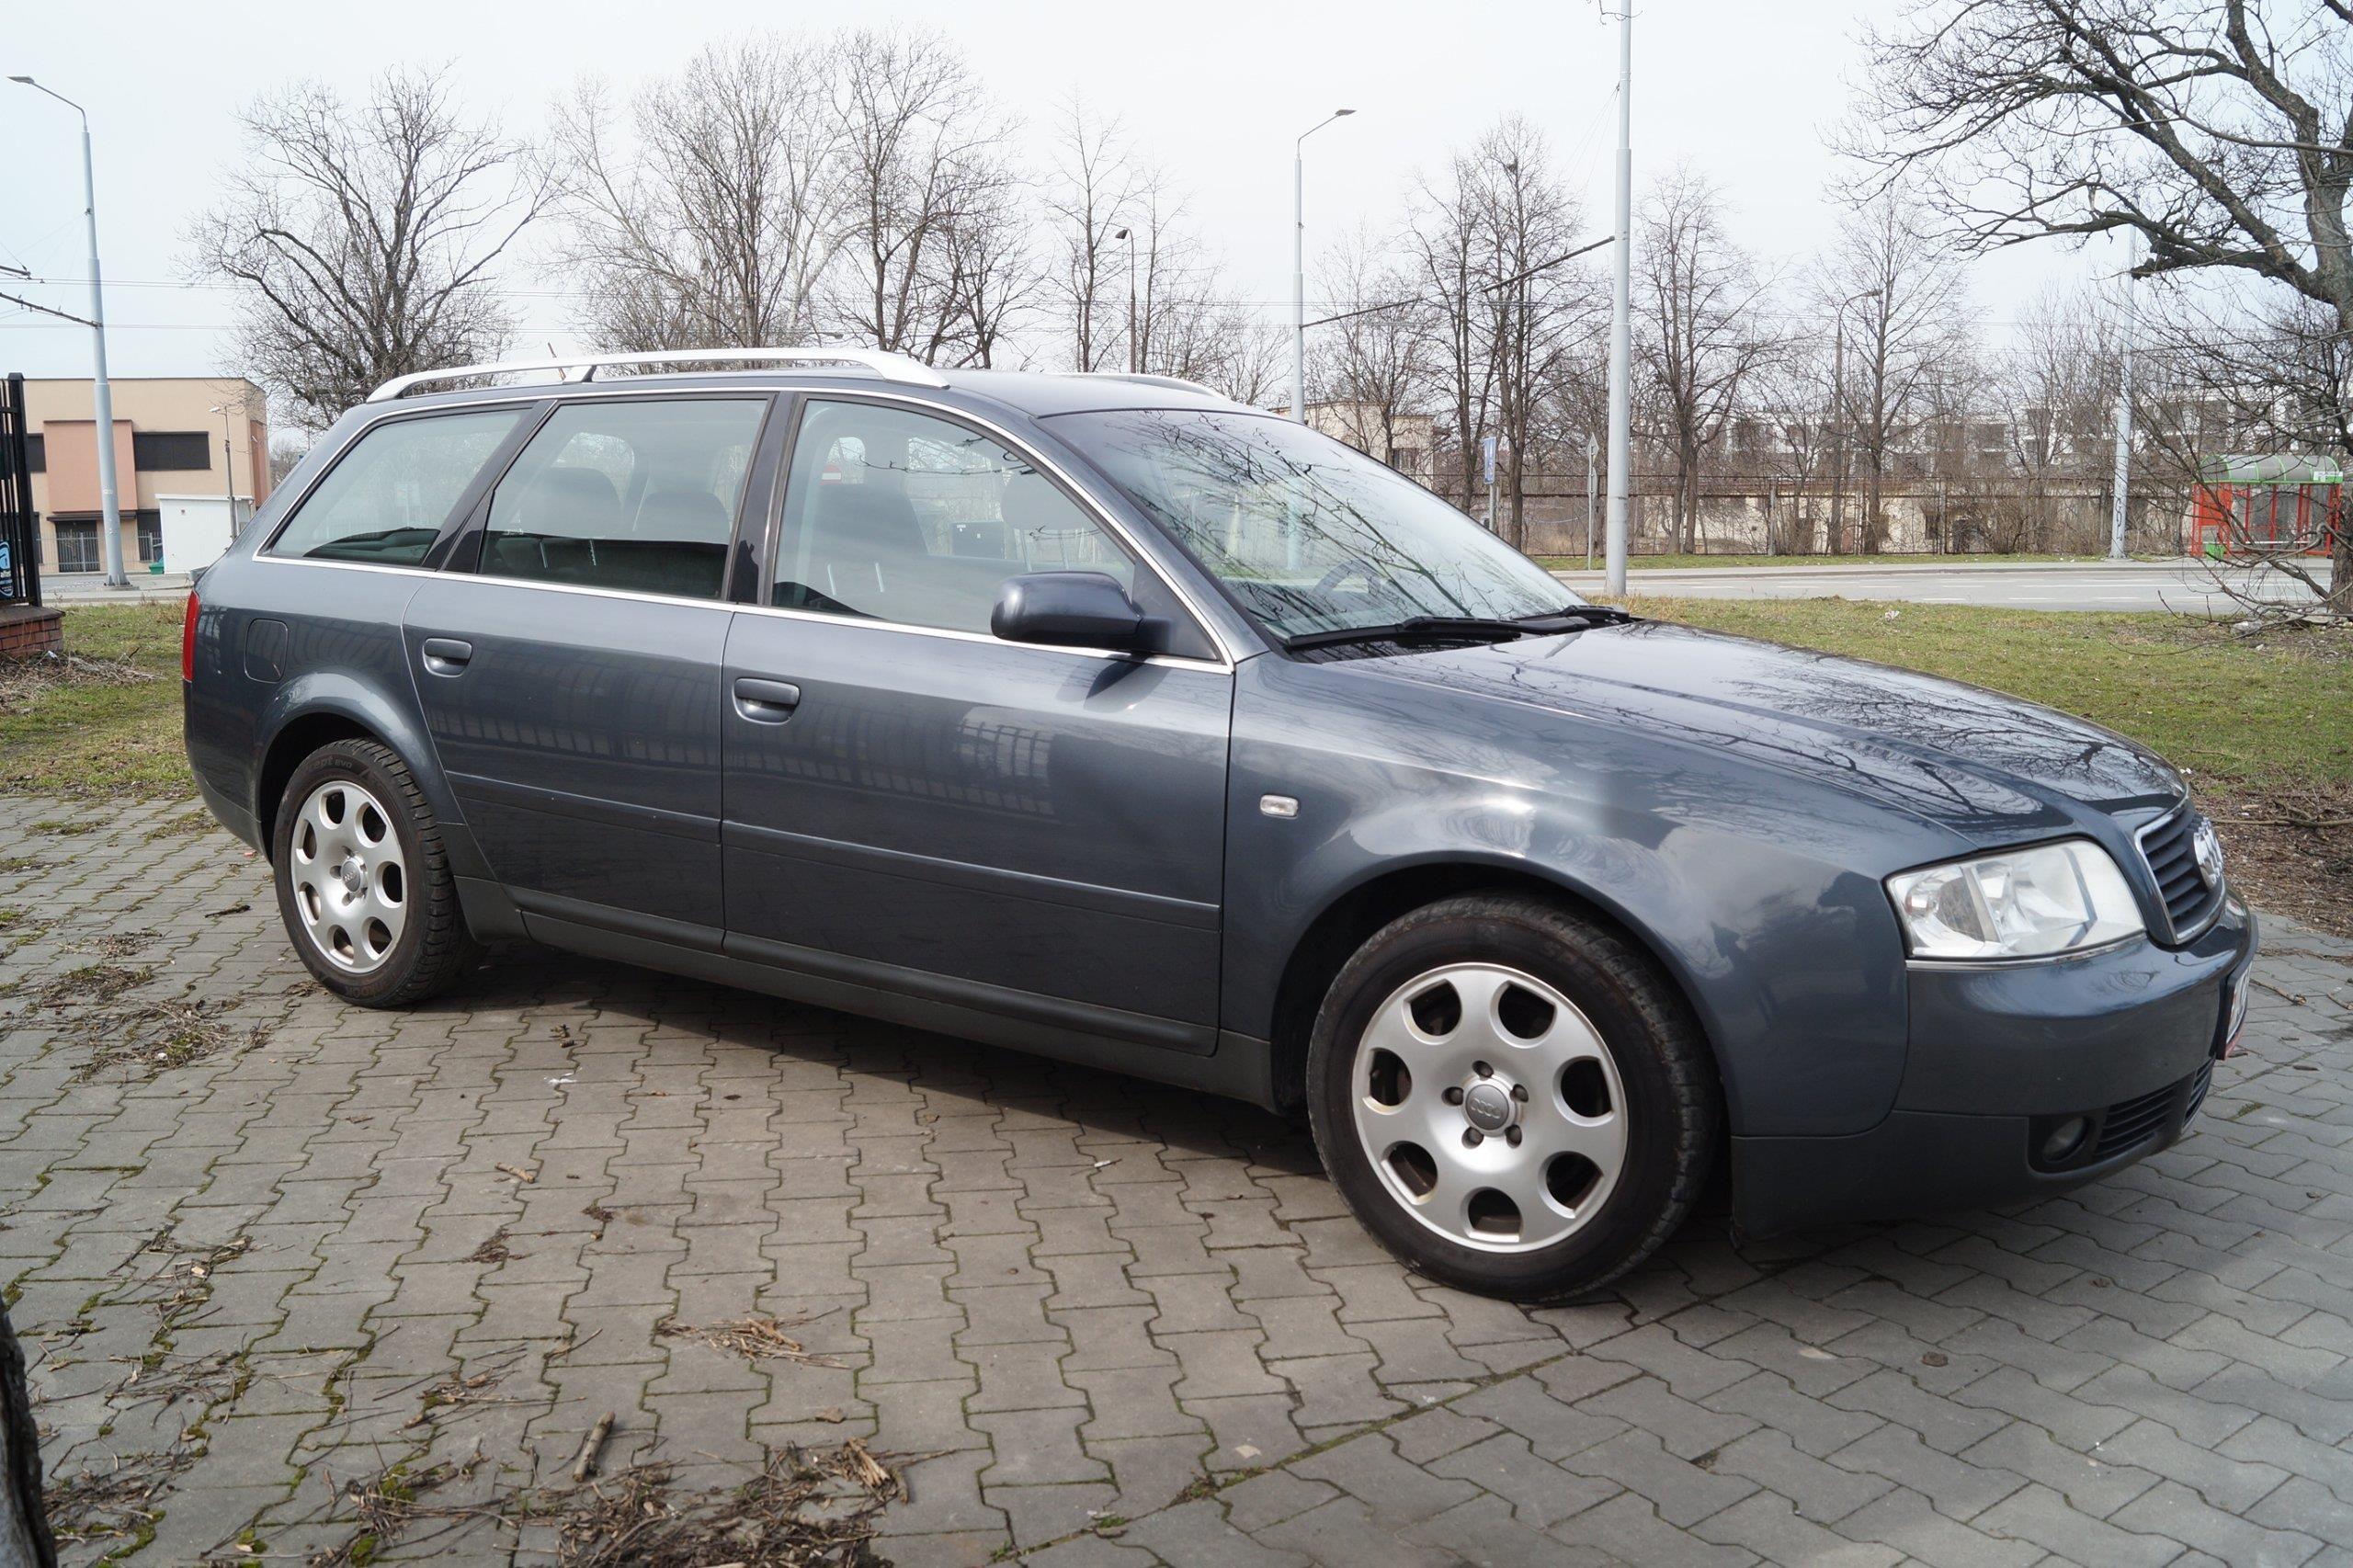 Audi A6 C5 2002 Benzyna 170km Kombi Szary Zdjęcie 1